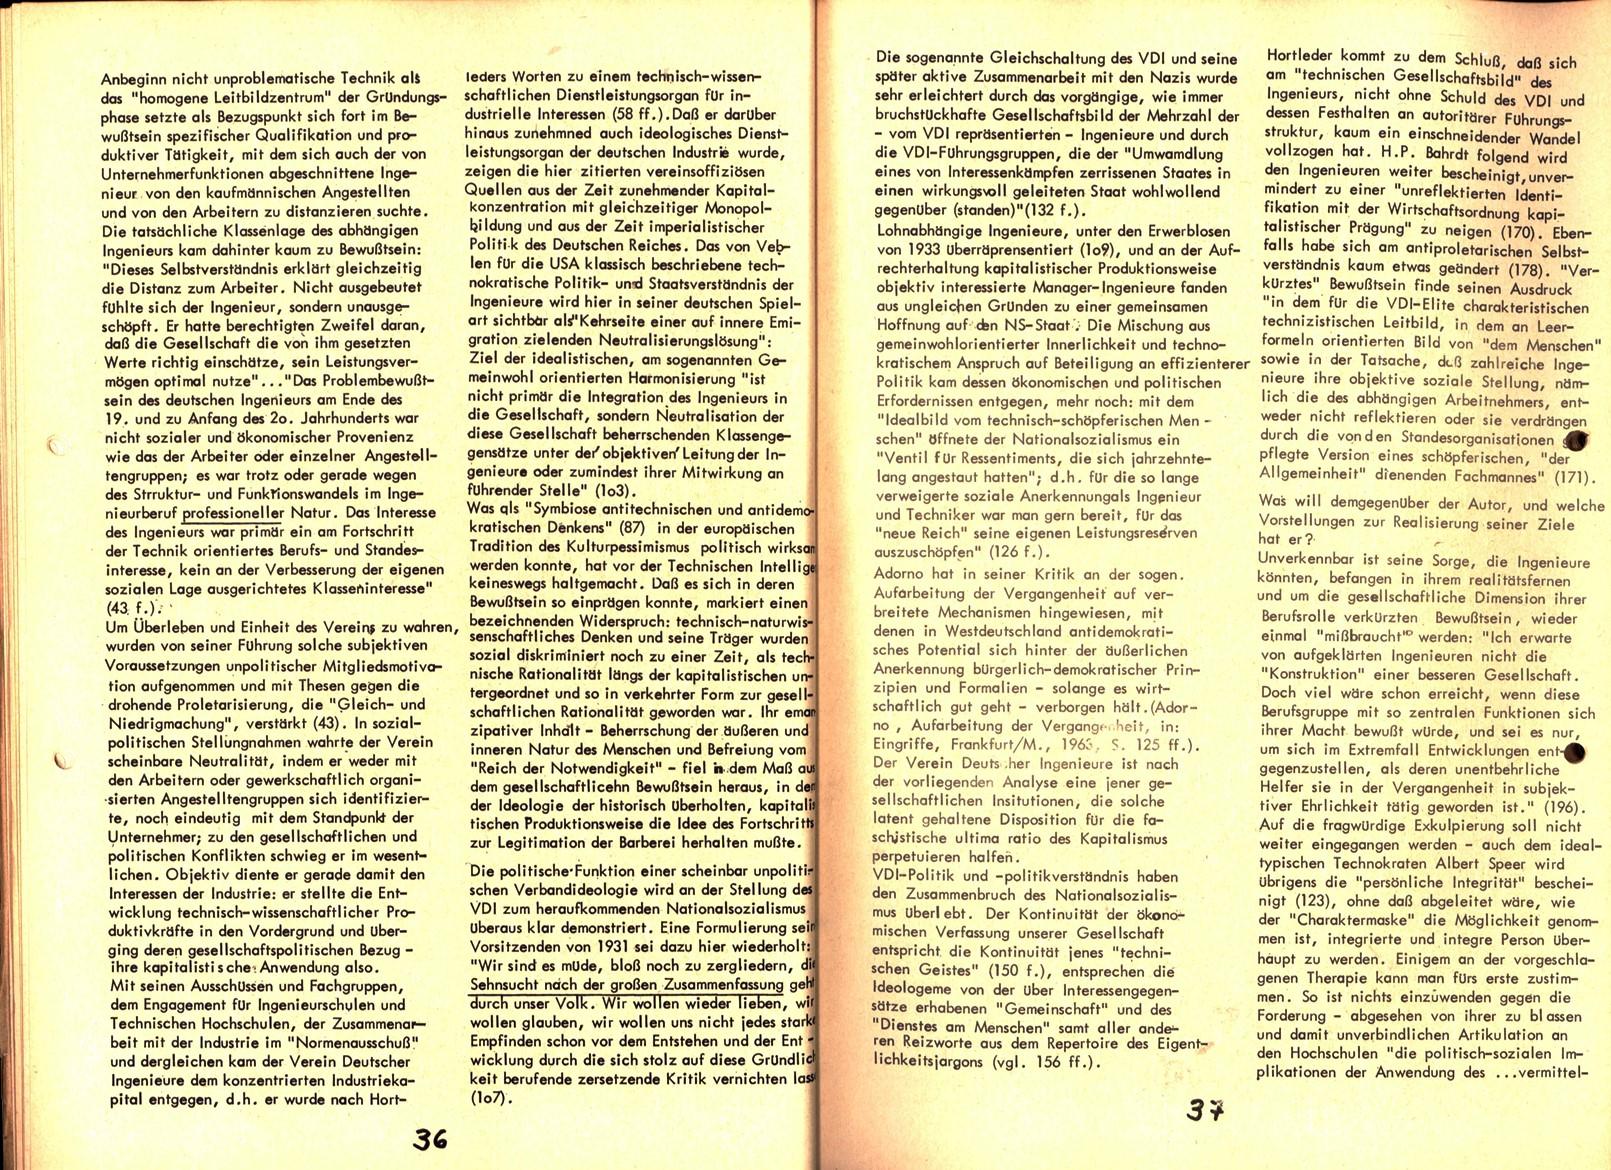 Berlin_Rotzing_1971_Kampfbericht_19